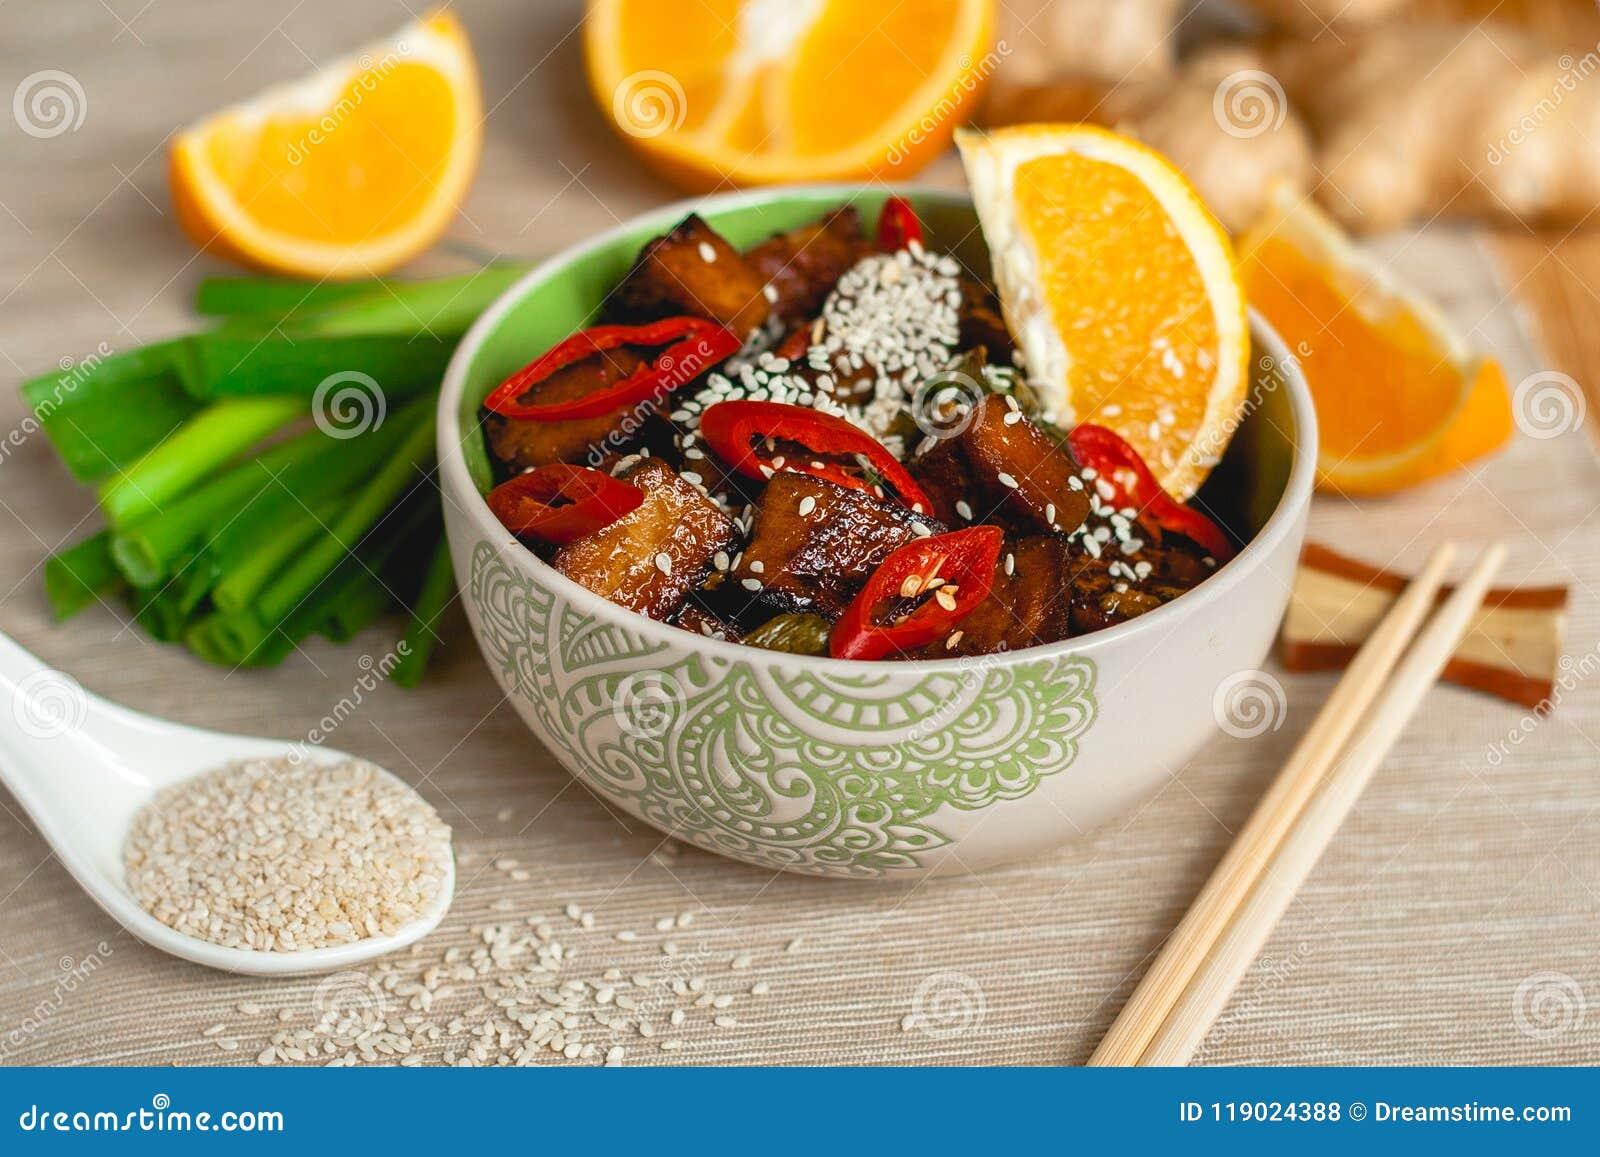 Stekt under omrörning orange ljust rödbrun tofu med sesamlök- och chilikryddor i en bunke med pinnar på en tabell